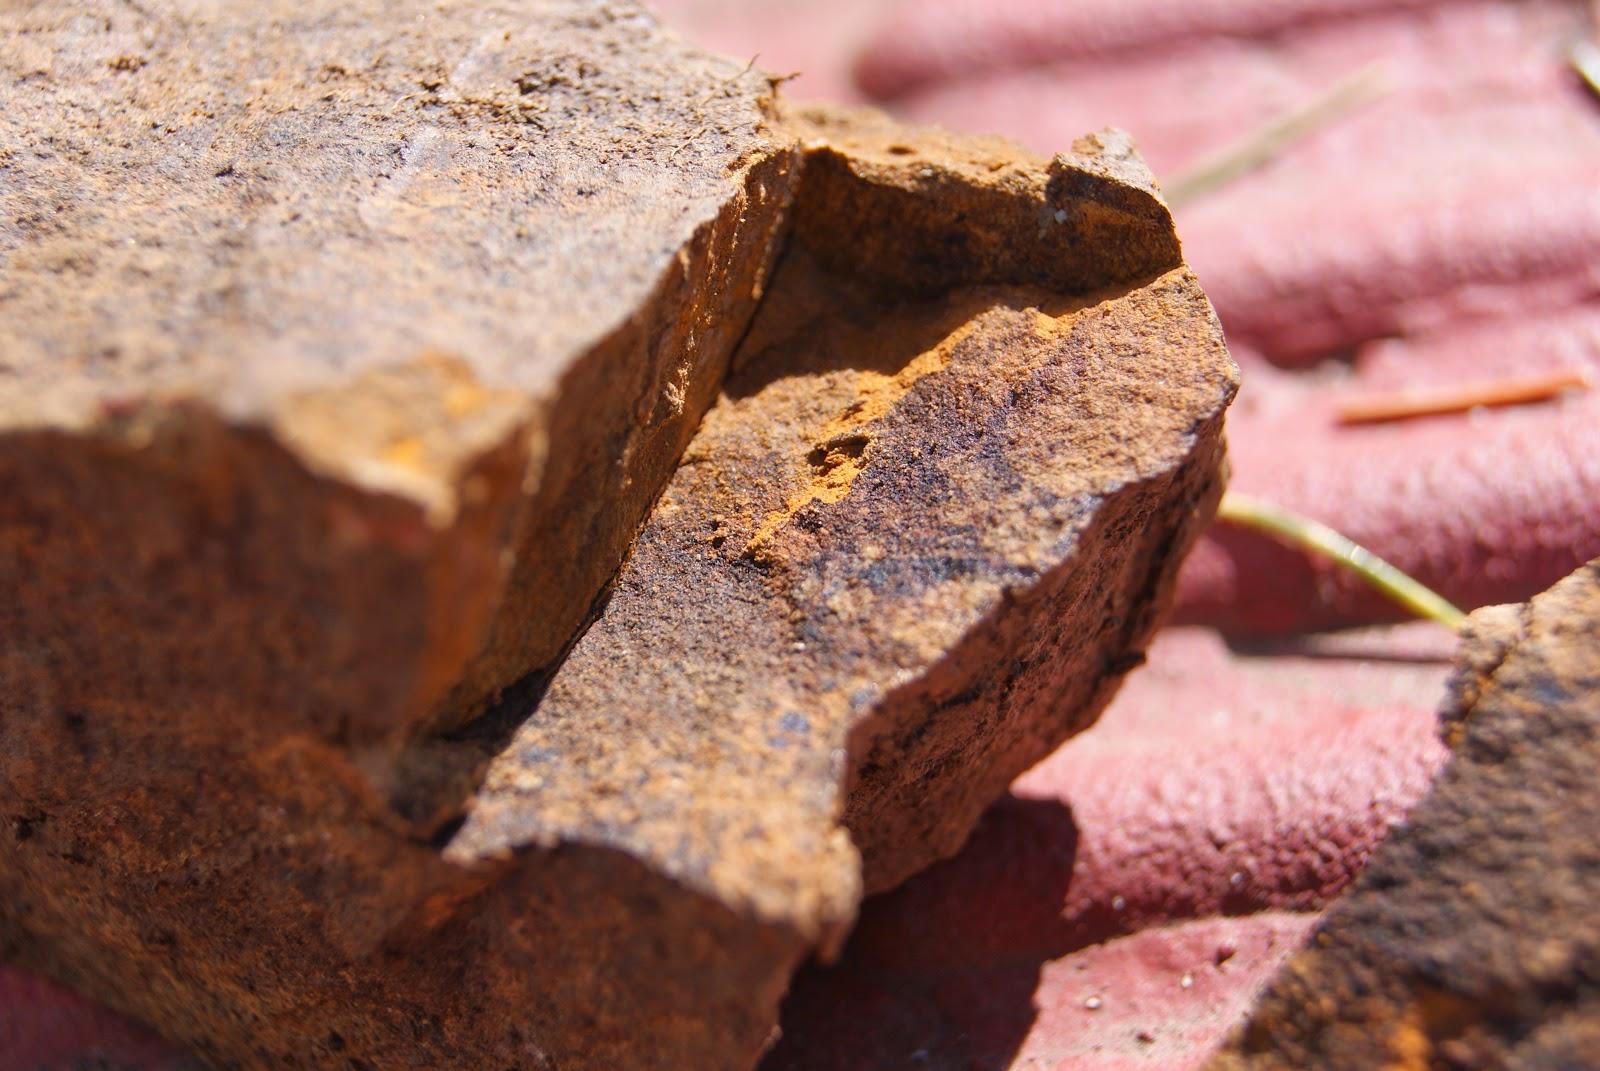 Roca fragmentada que nos ayuda a saber su composición y dureza